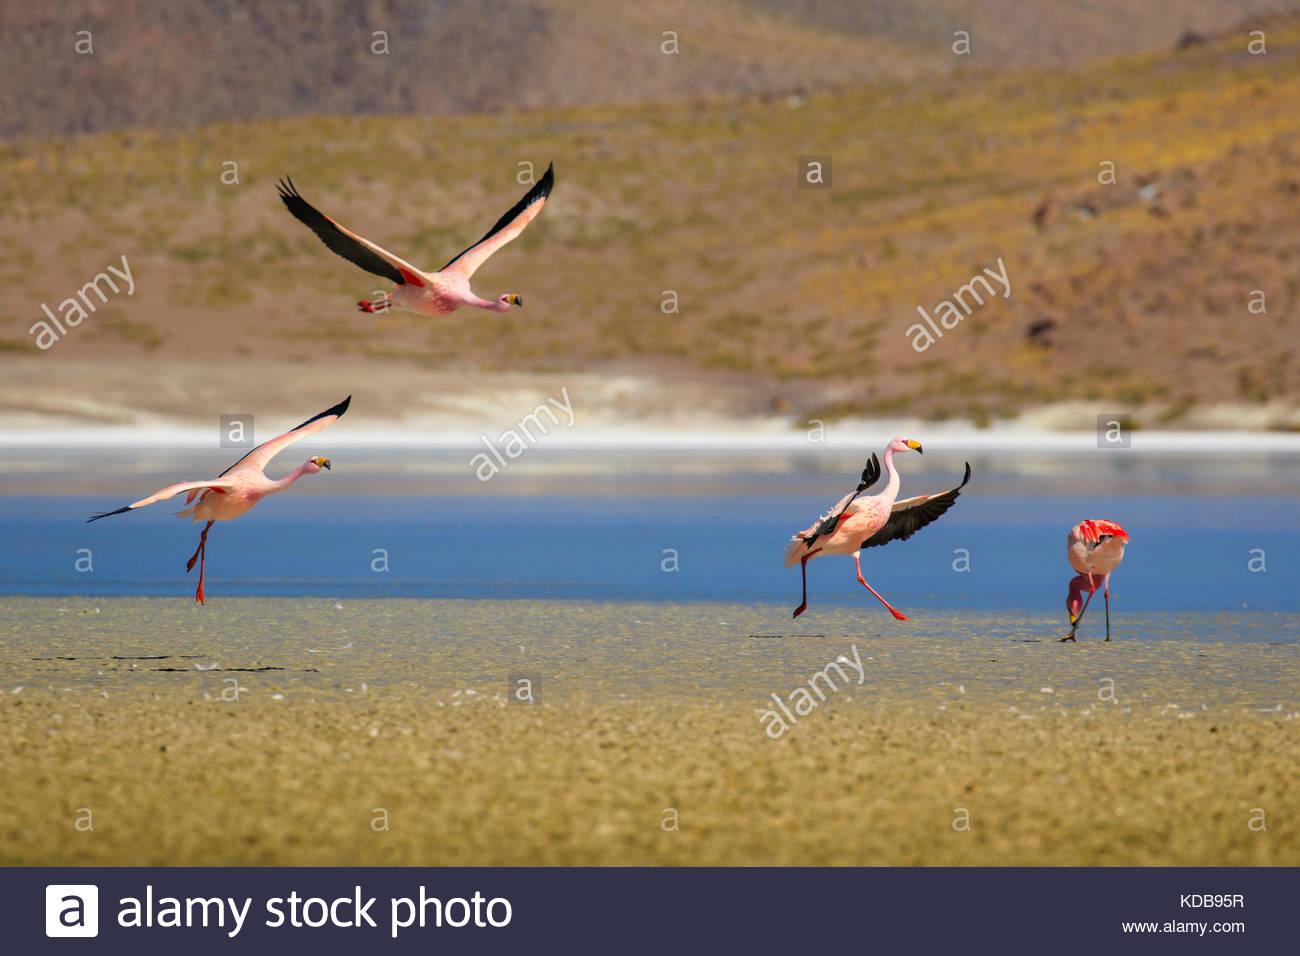 Eine Gruppe von Flamingos, phoenicopterus, Landung auf einem See in den bolivianischen Anden Altiplano. Stockbild